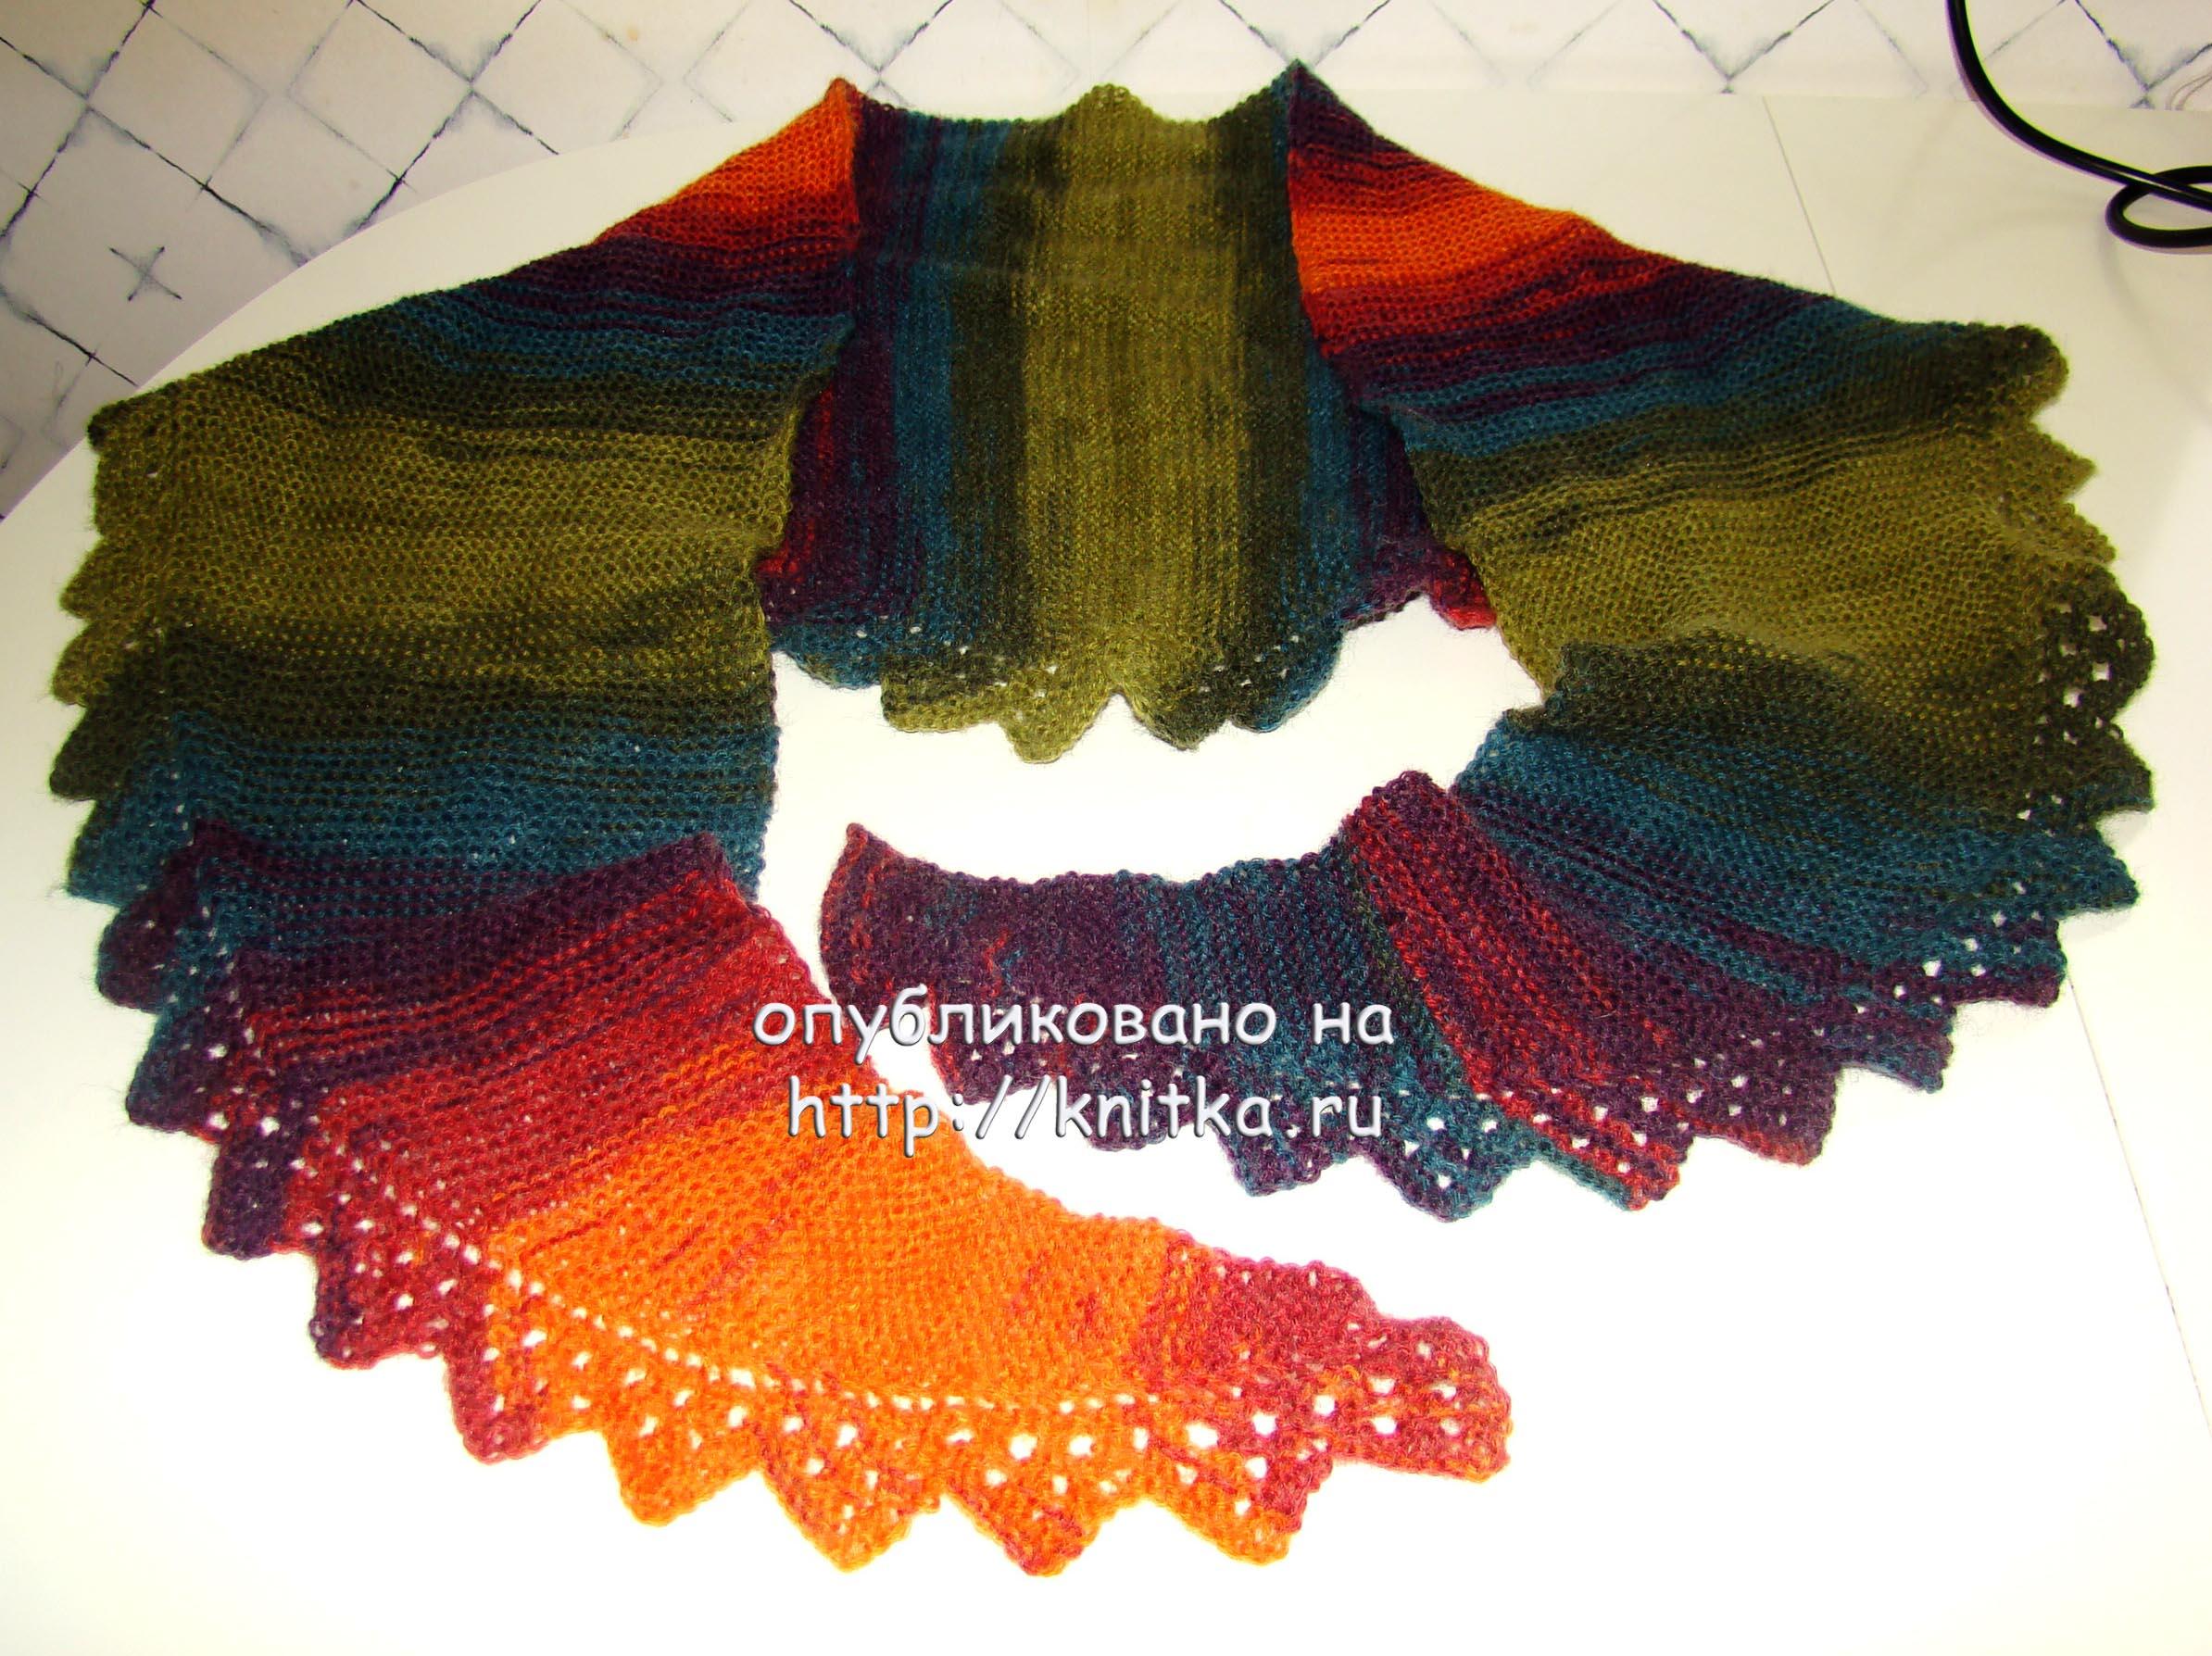 шаль бактус недотрога работа татьяны вязание для женщин